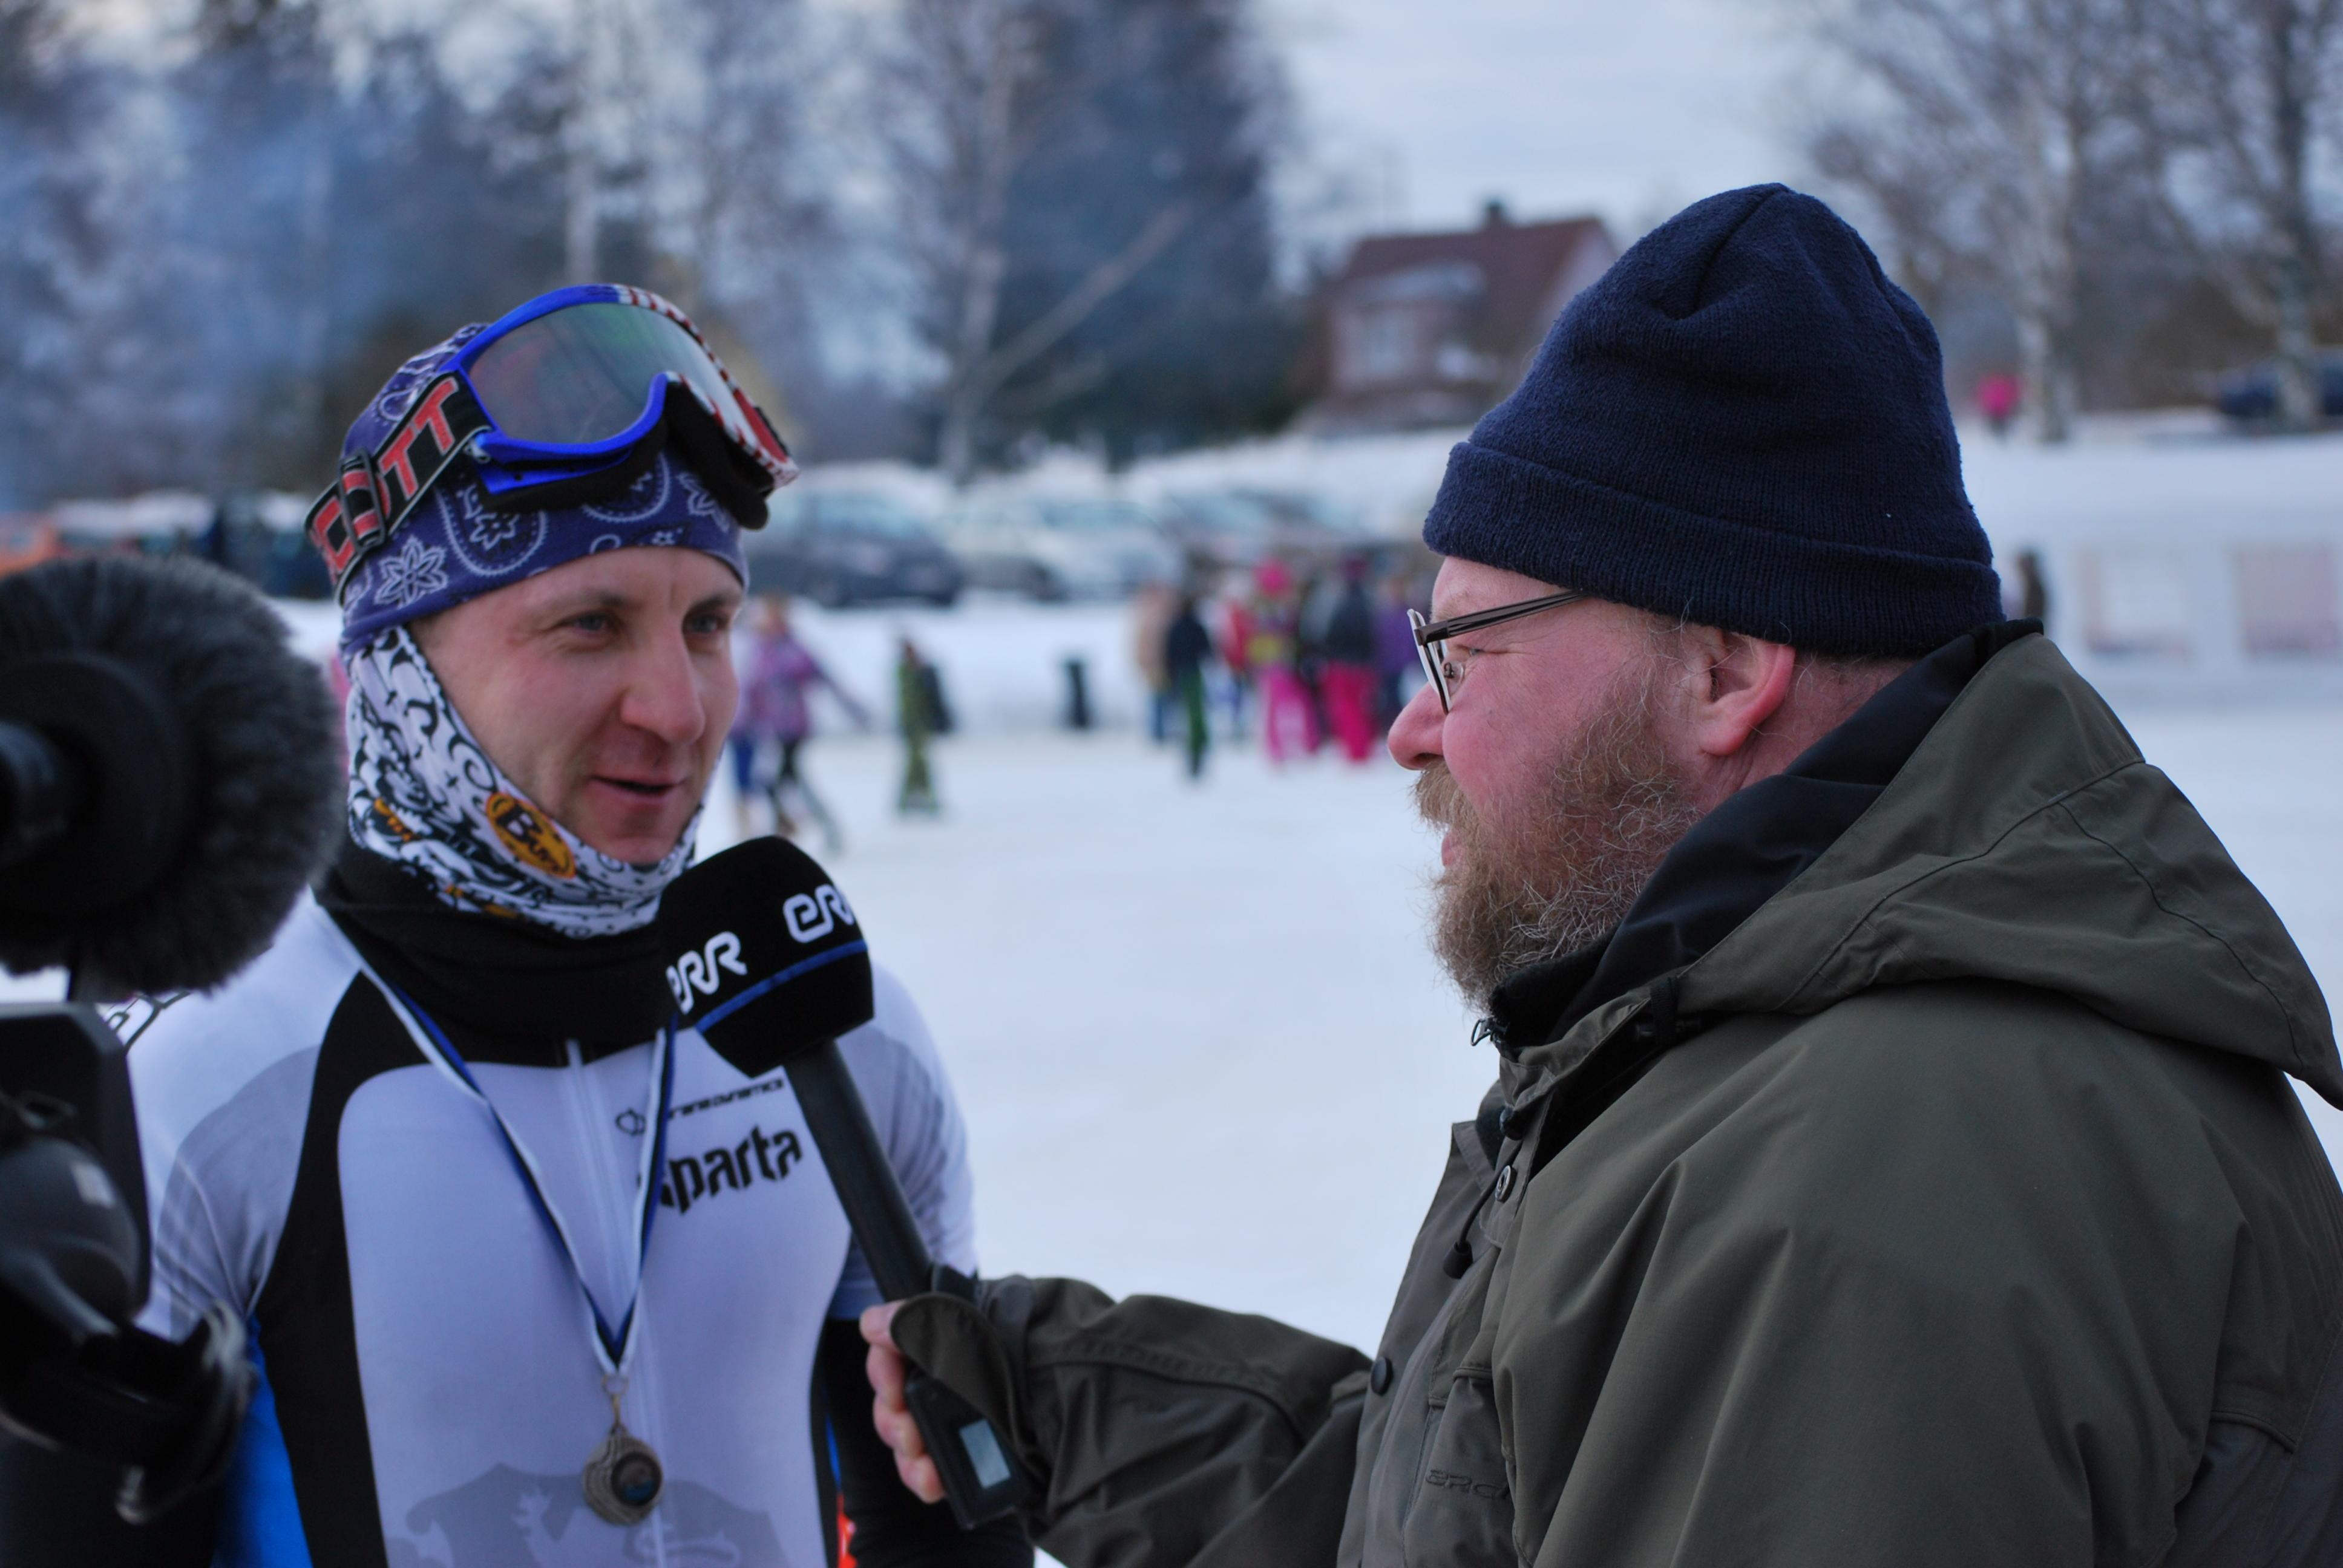 ldvõitja Kert Keskpaik intervjuud andmas